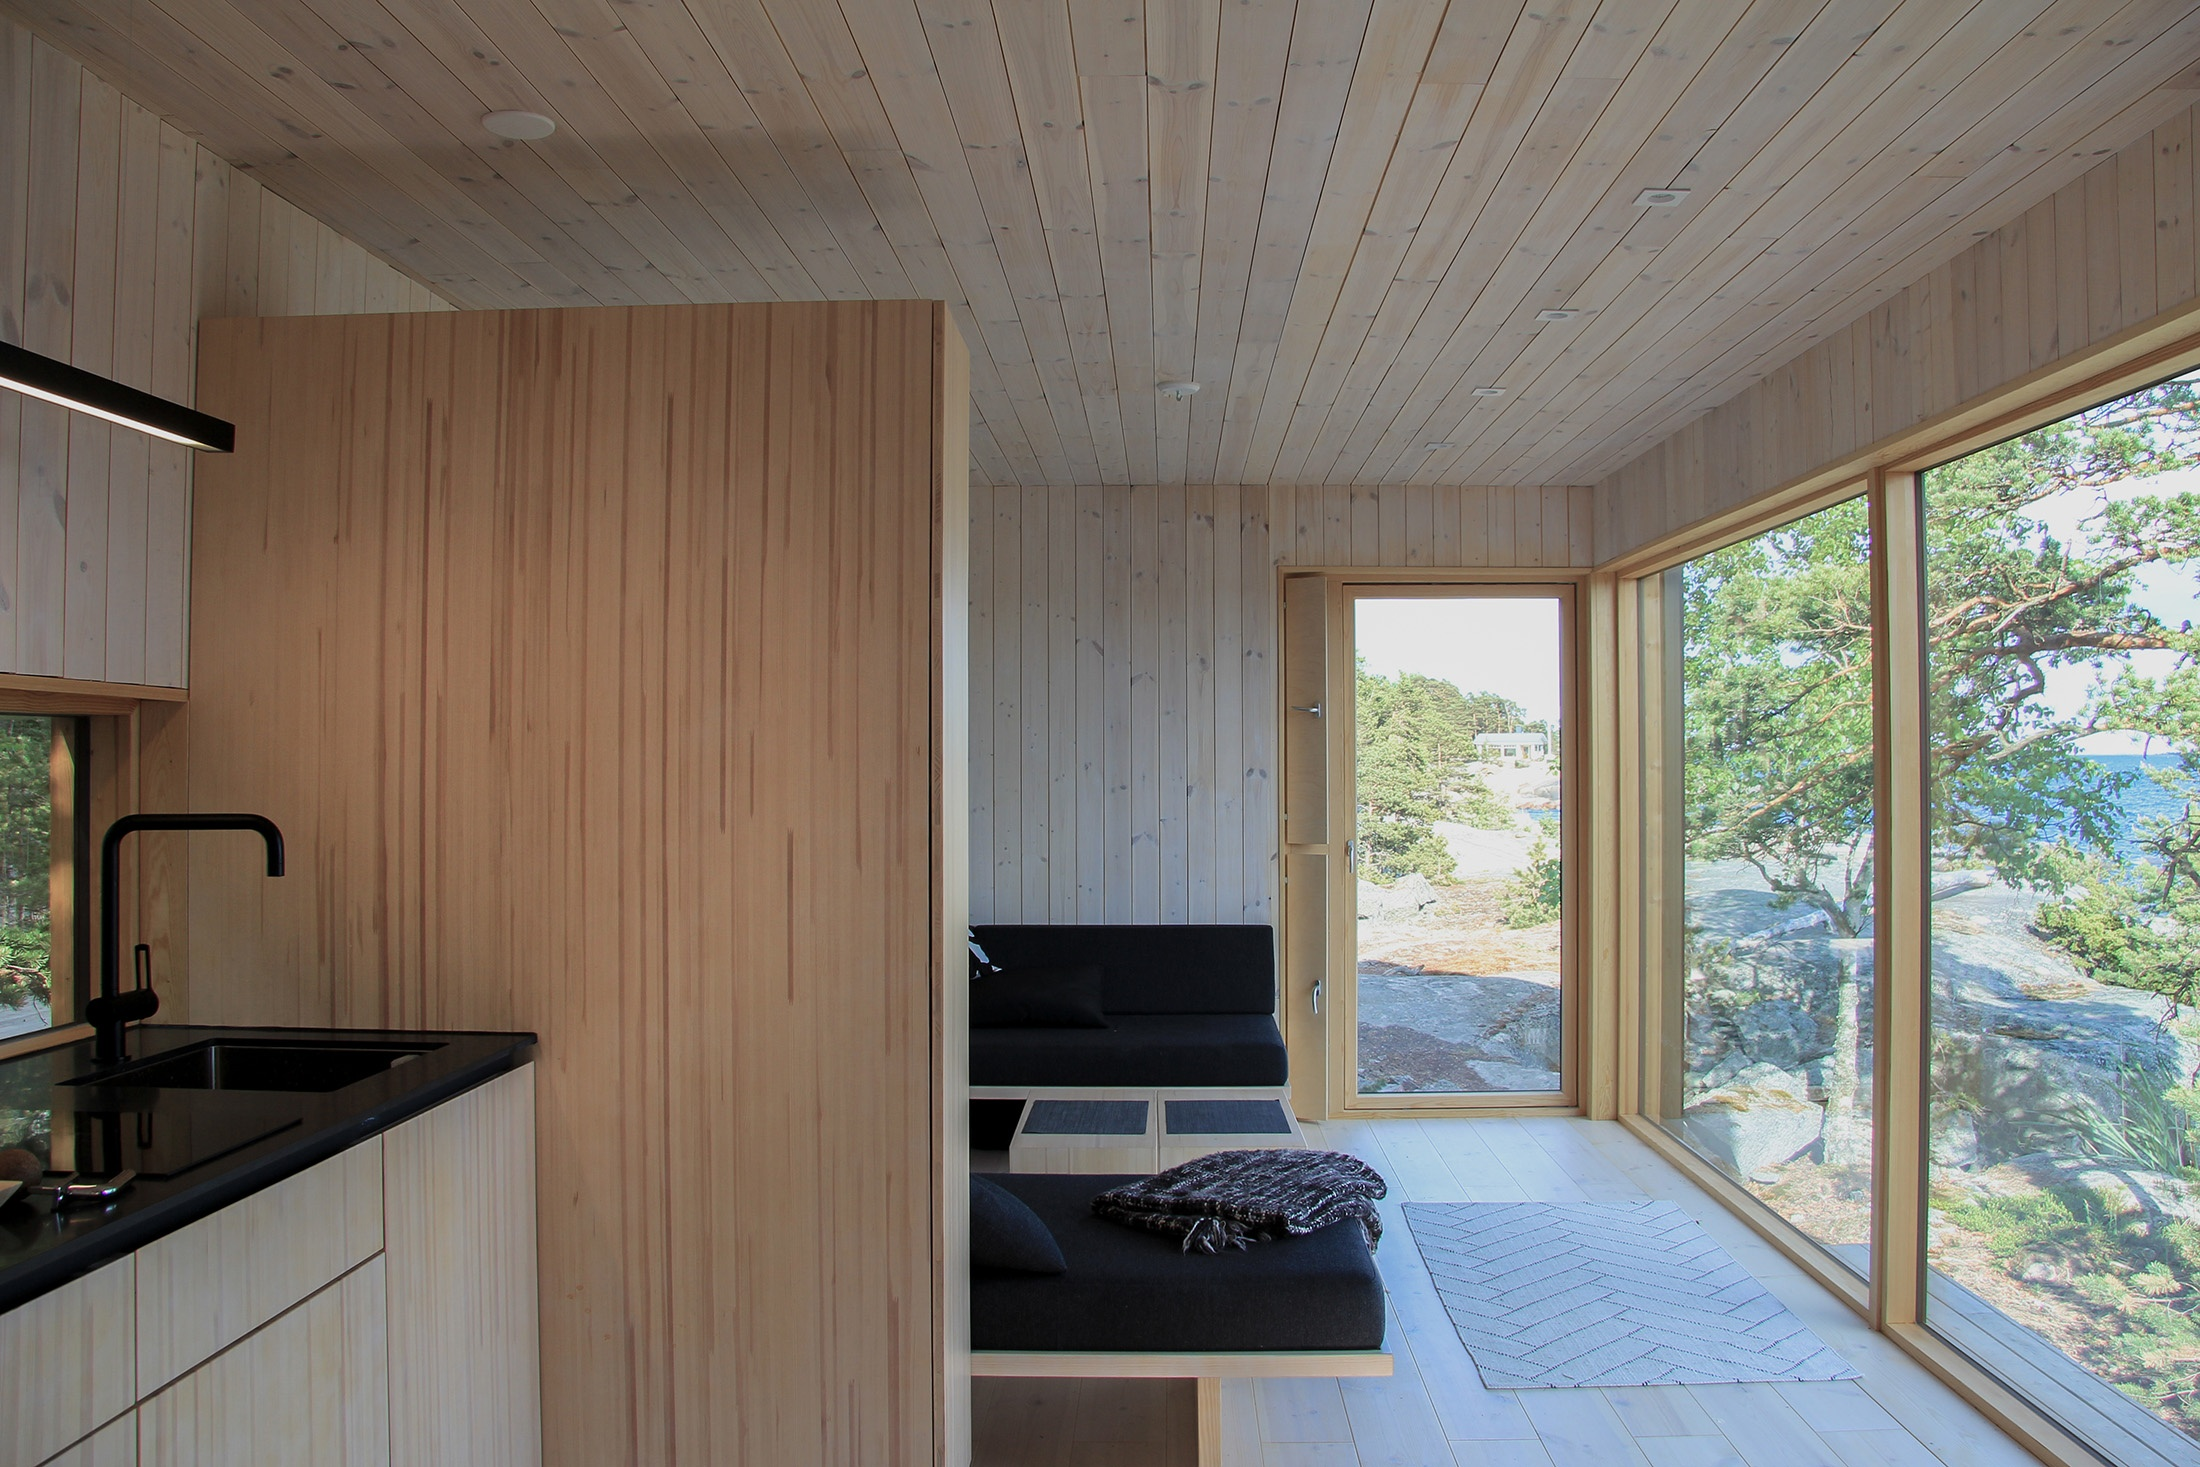 Sauna-ja-saunatupa-Helsingin-saaristossa-11-1